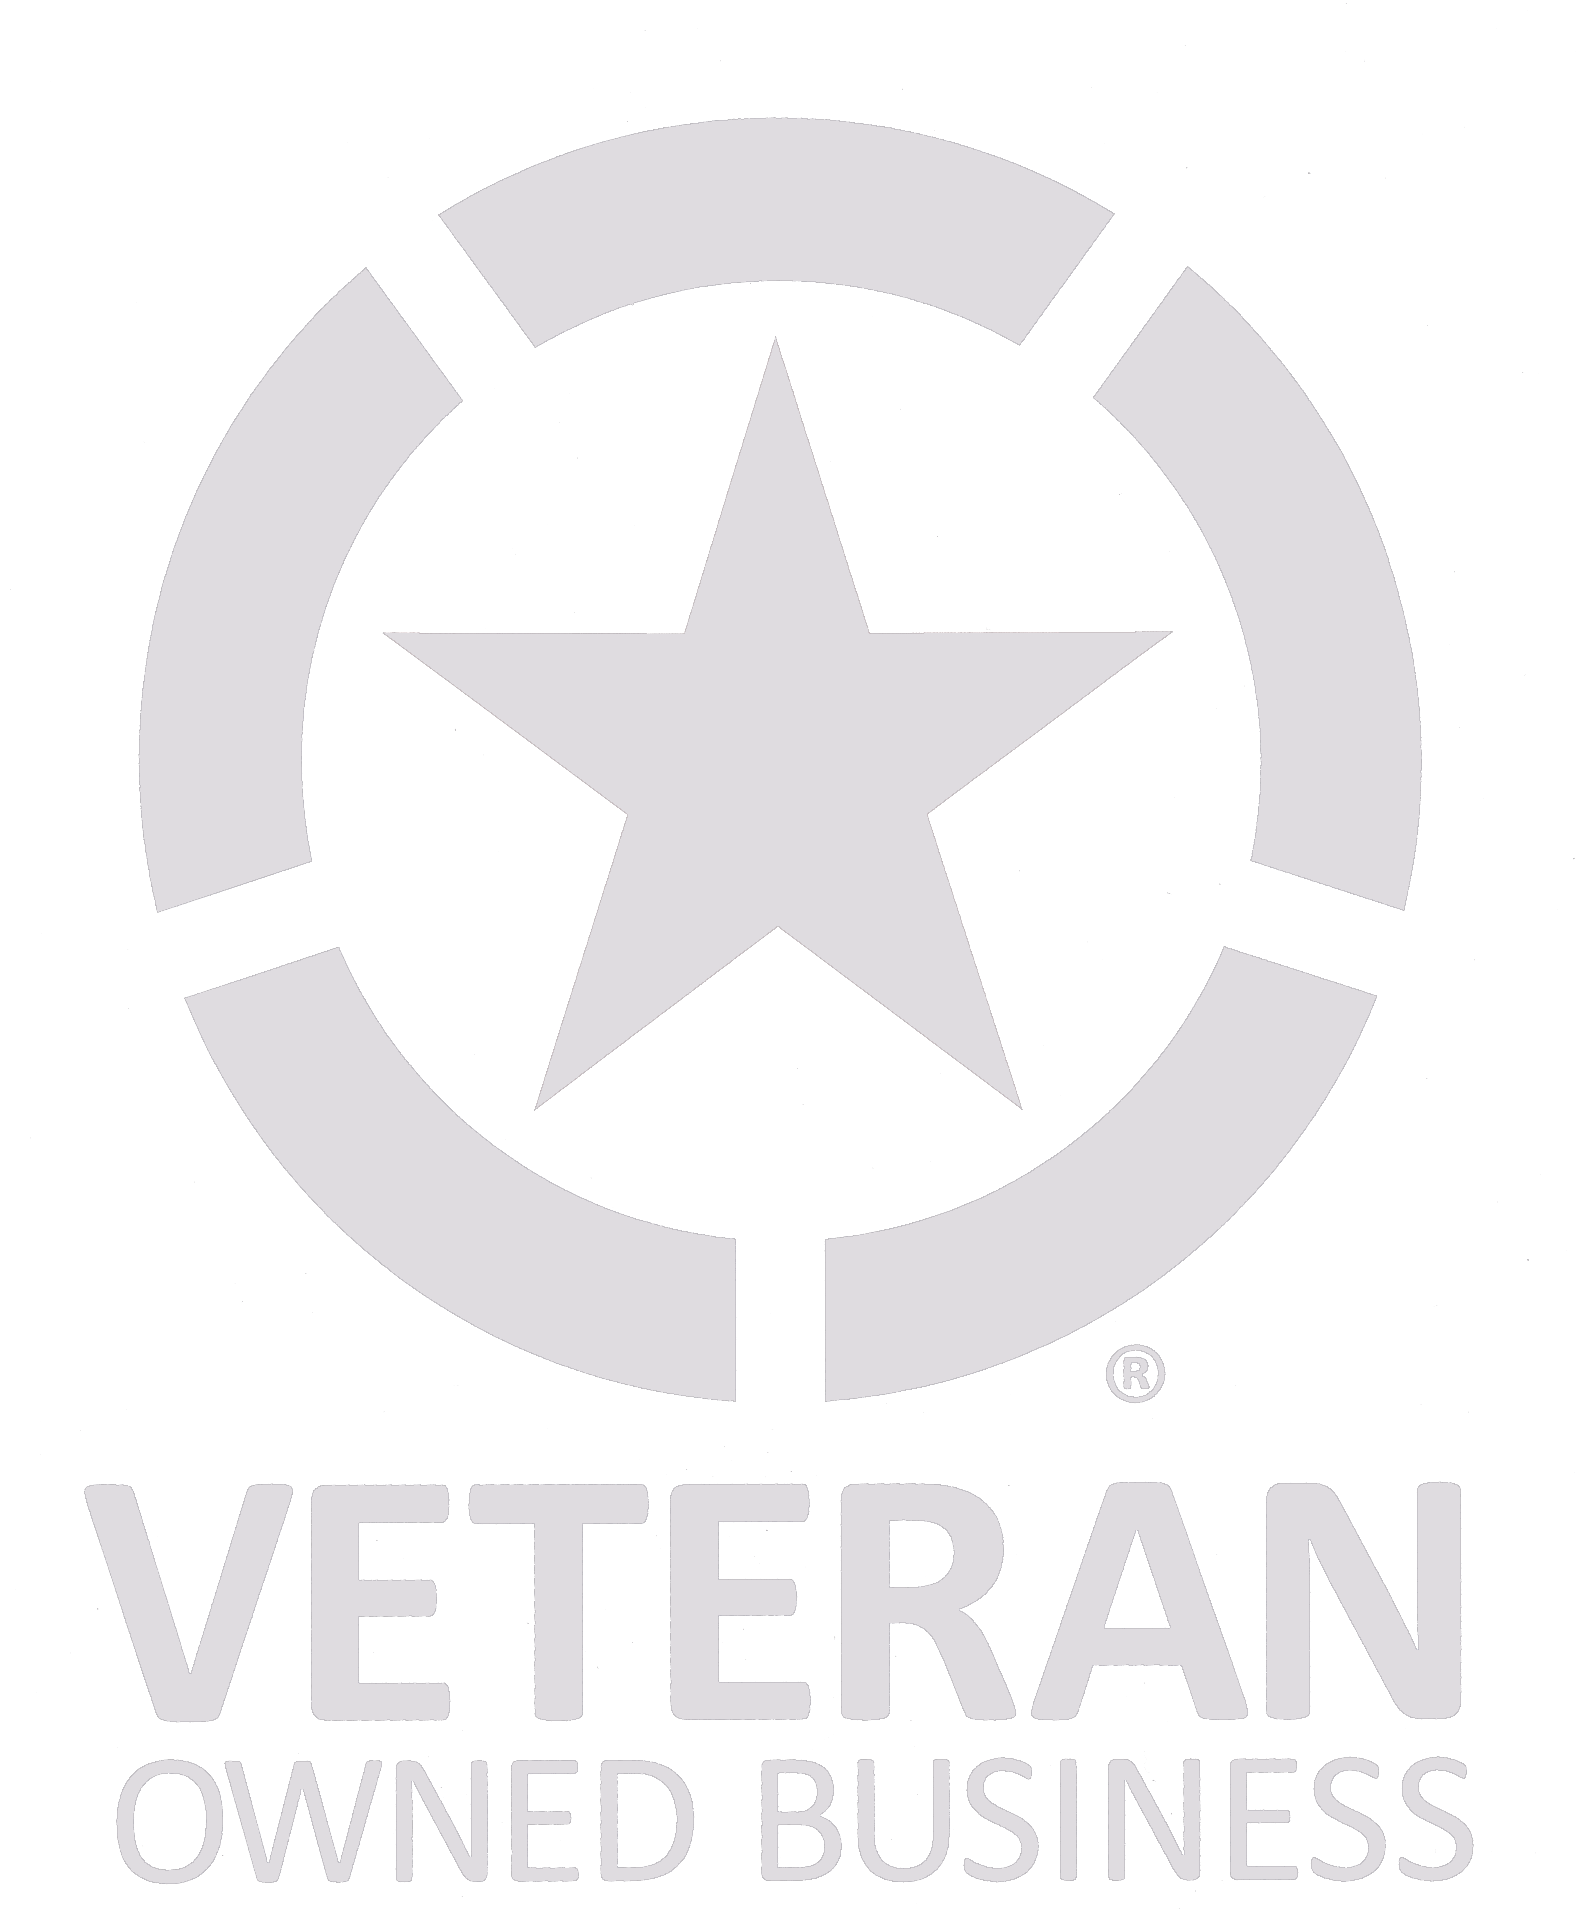 Veteran owned logo